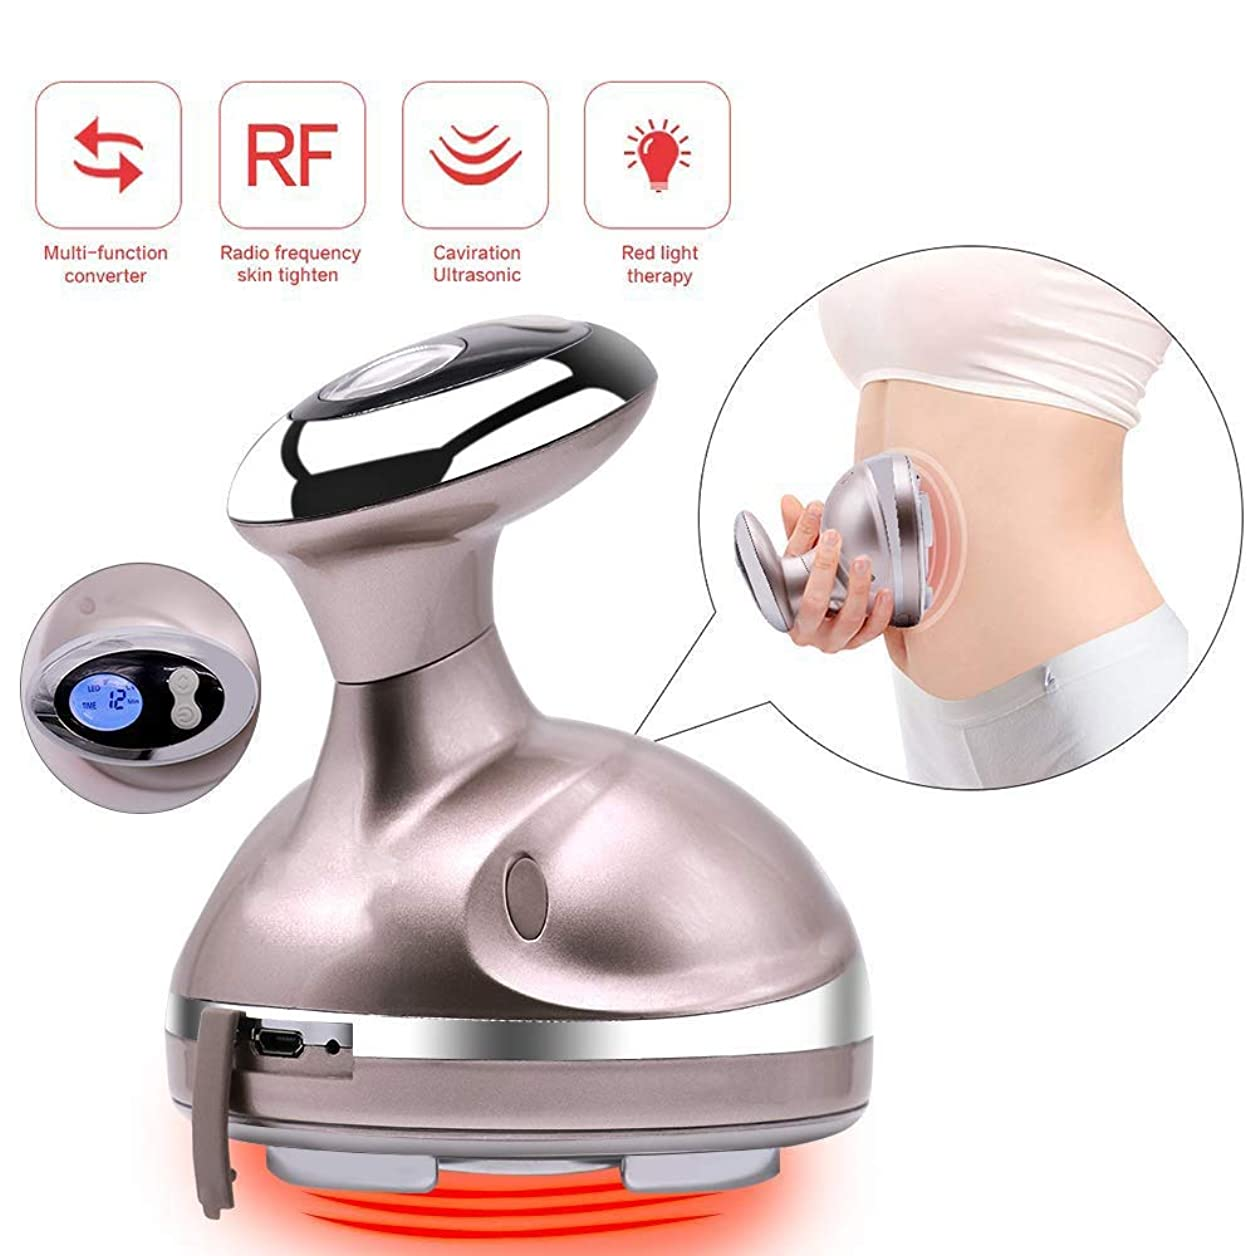 秘書便益促進するUSB 1に付きボディ形成のマッサージャーの無線周波数装置の赤灯の振動脂肪質の取り外し機械、減量機械RFのスマートなLCD表示が付いている暖かい細くのマッサージャー